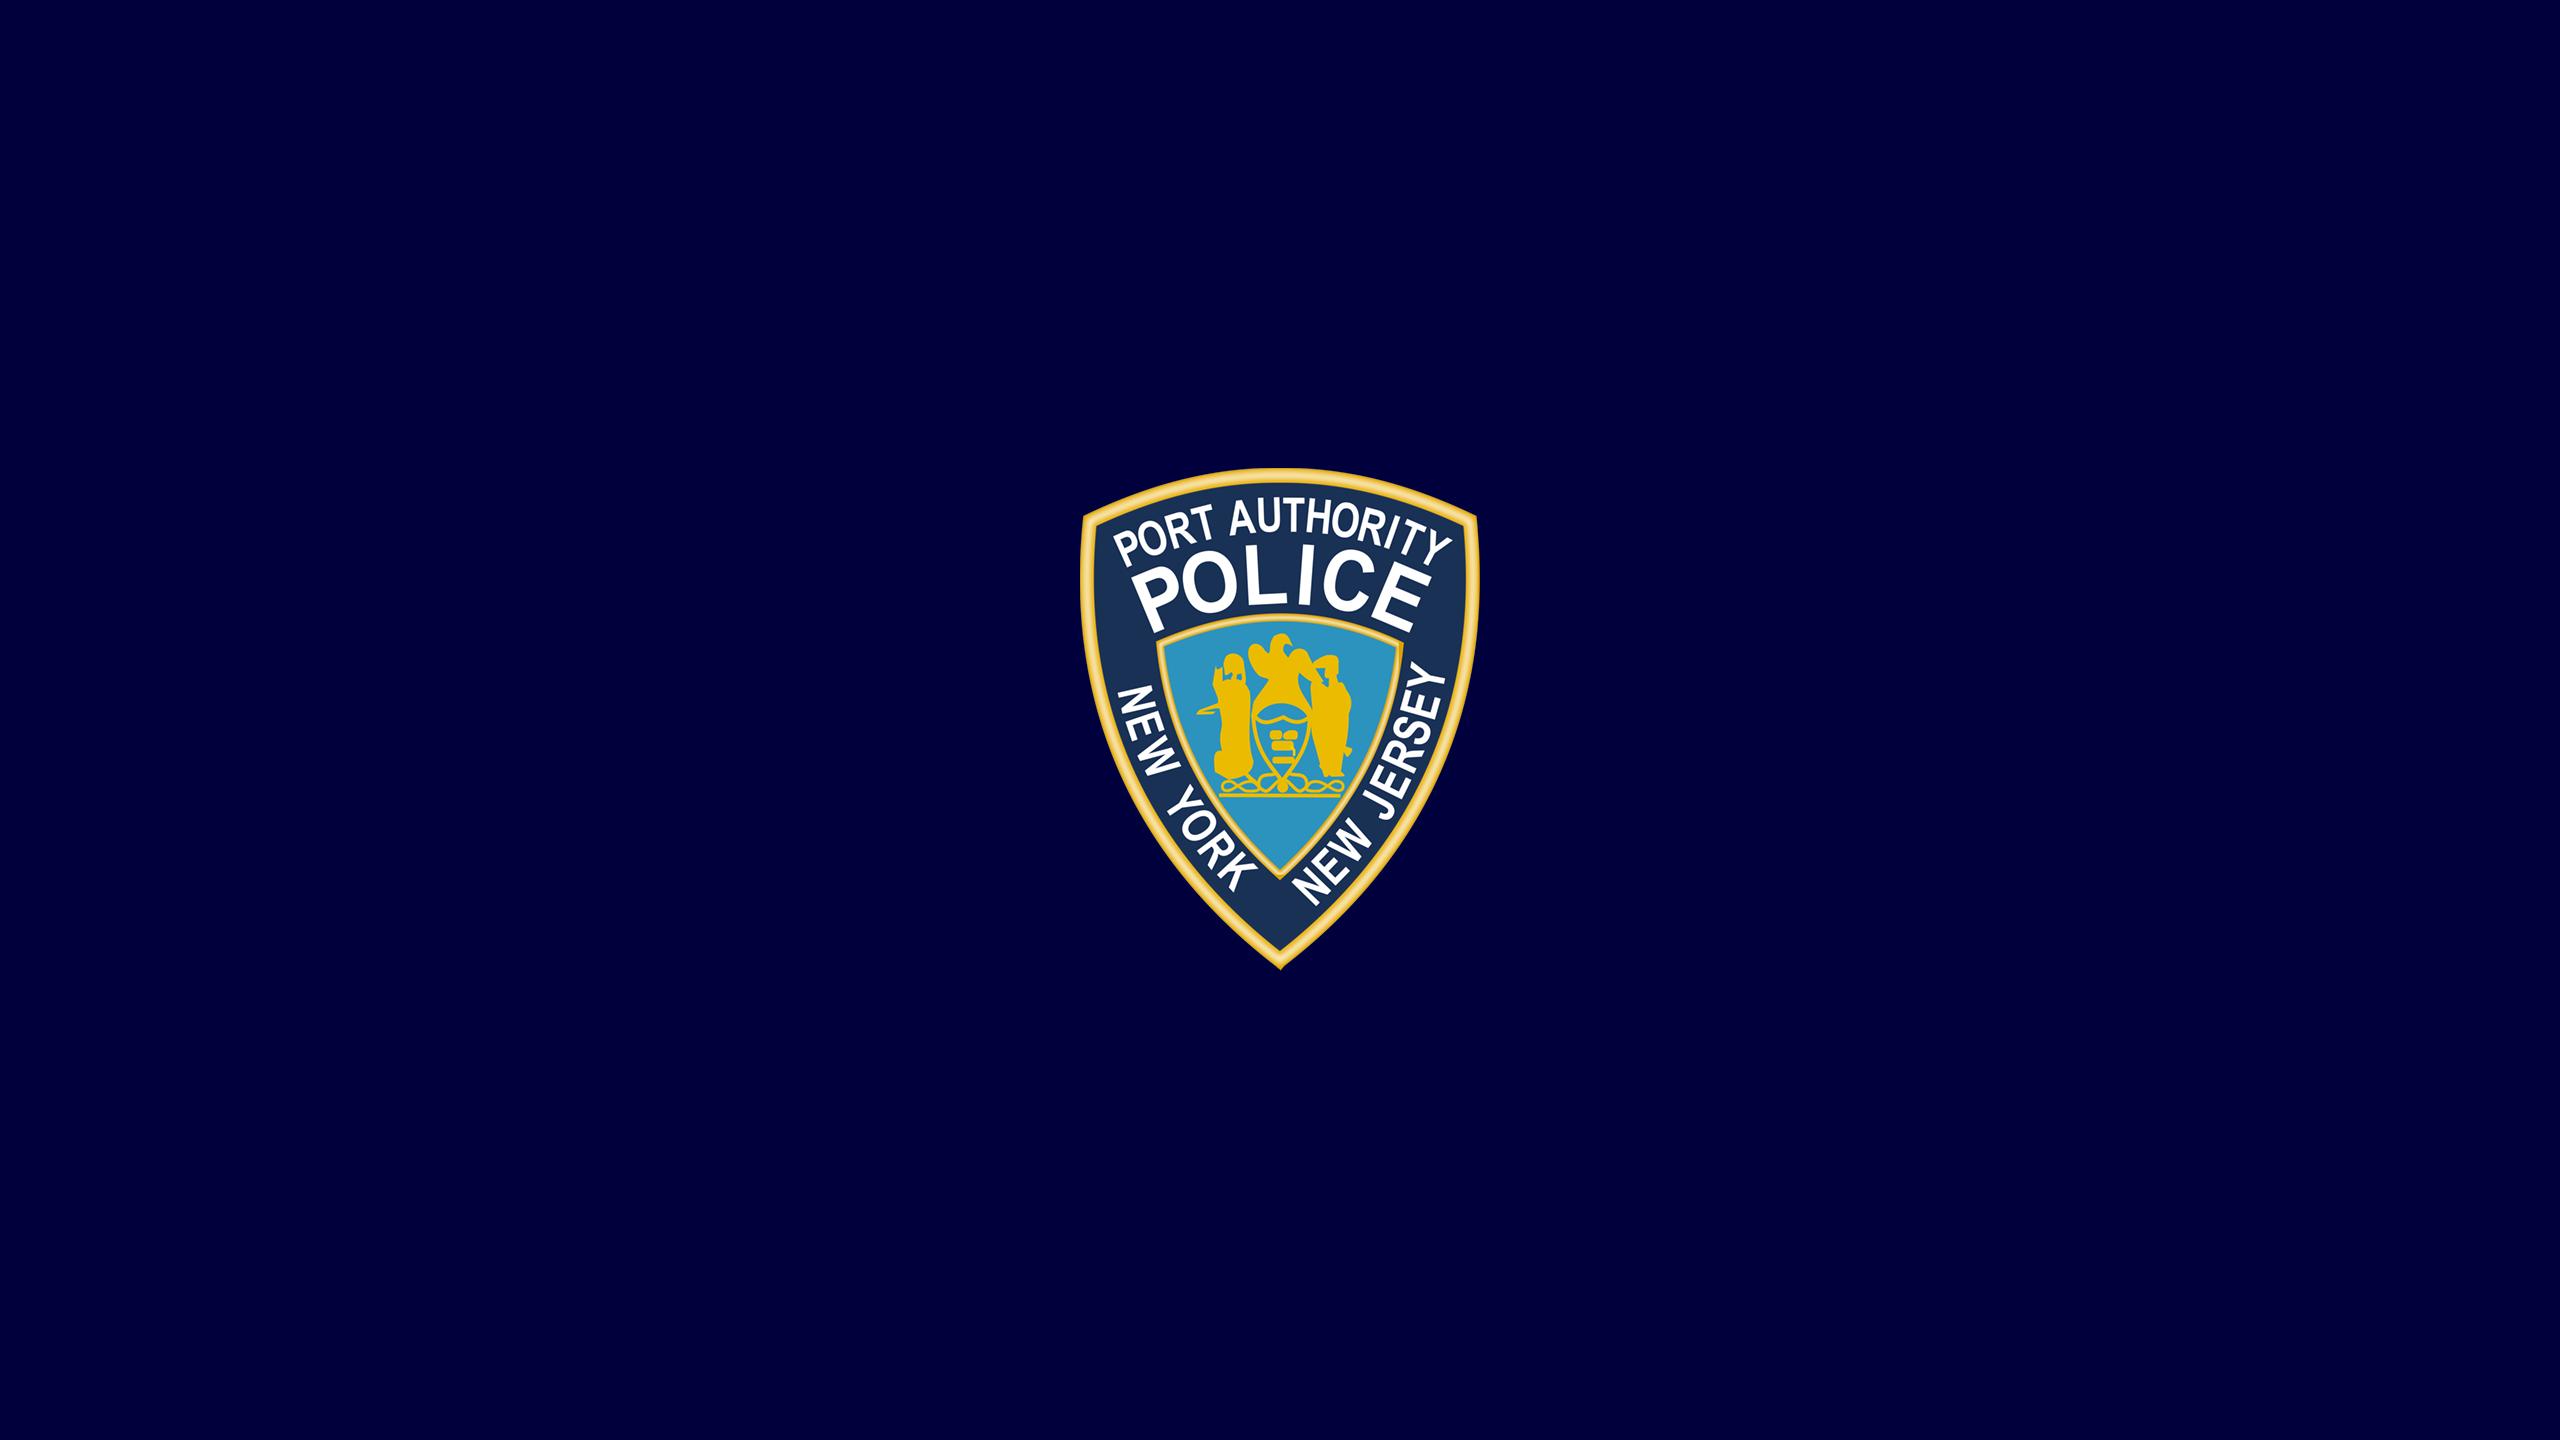 NY NJ Port Authority Police